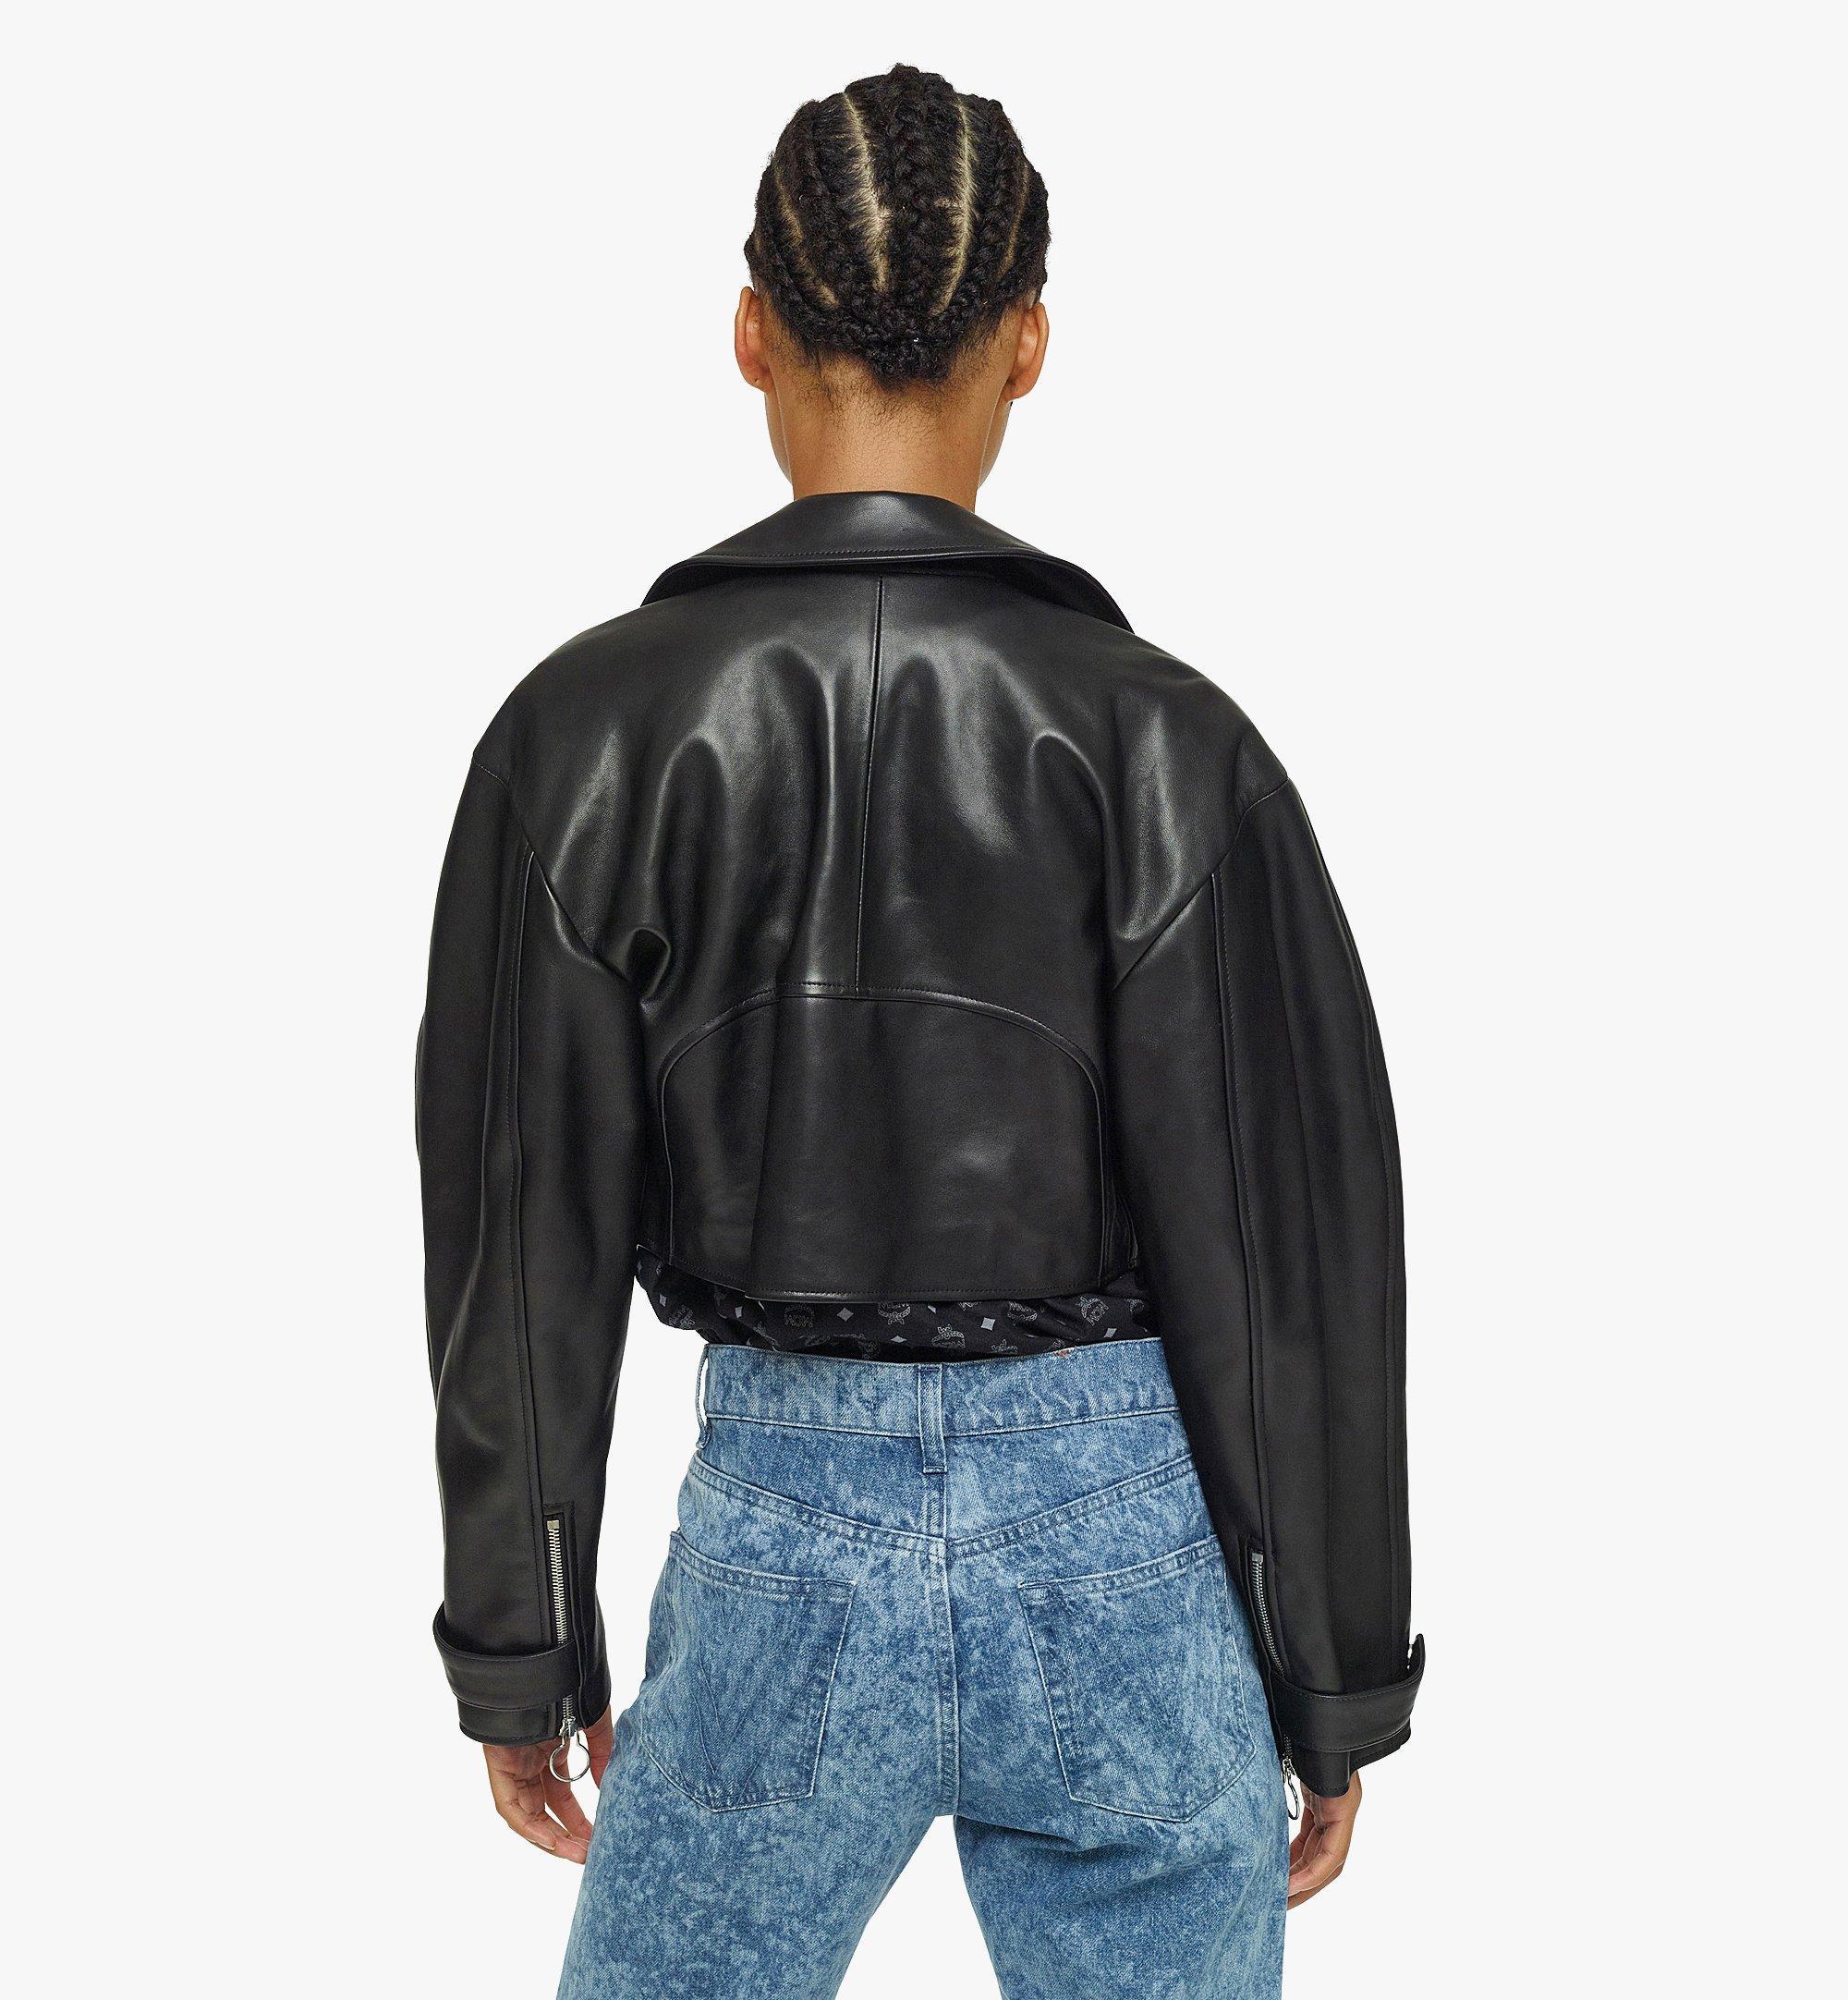 MCM Veste courte en cuir pour femme Black MFJBAMM02BK040 Plus de photos 3